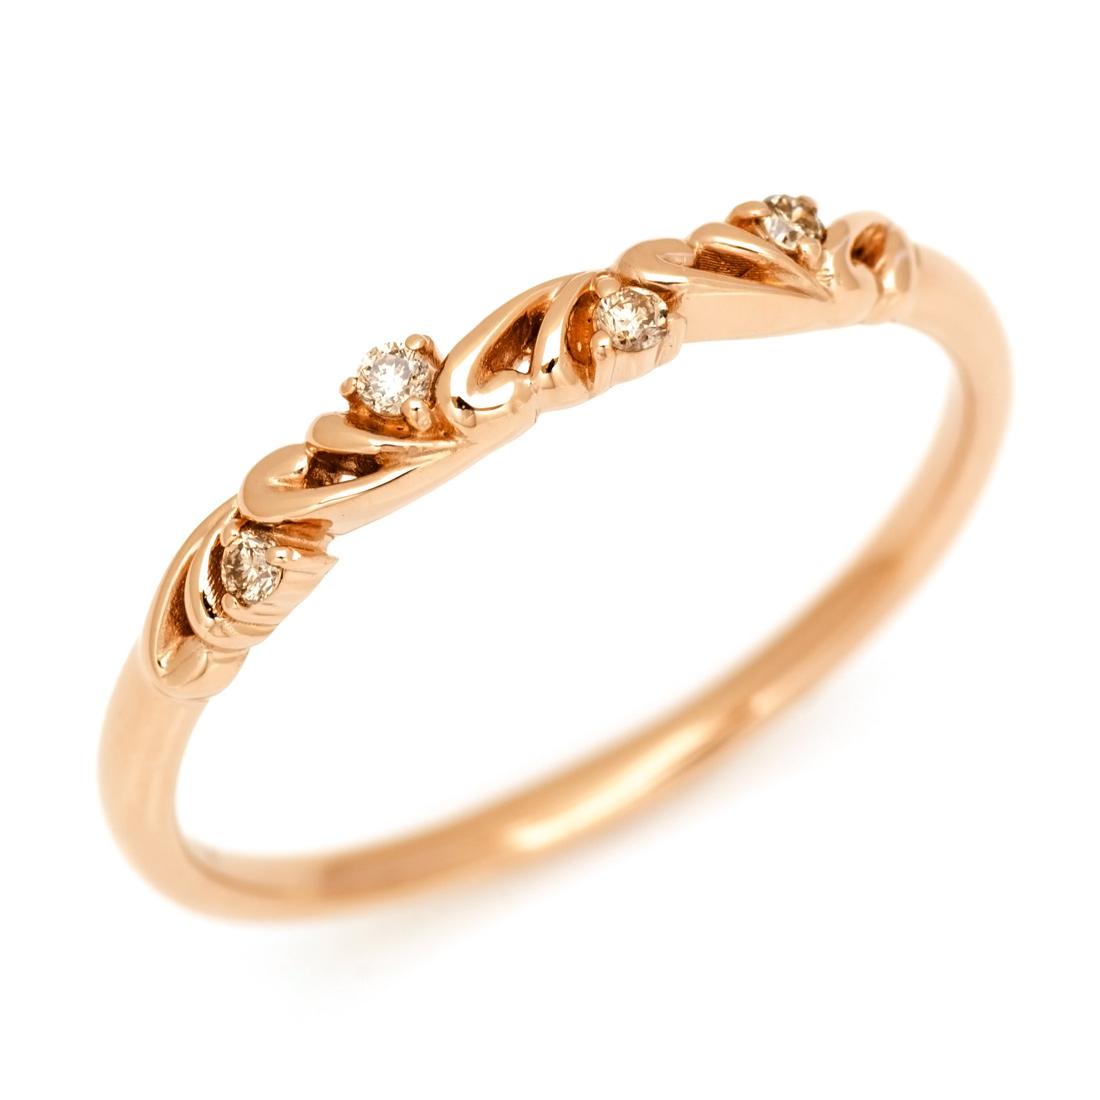 K18 ブラウンダイヤモンド リング 「arabesco」 指輪 ダイアモンド ゴールド 18K 18金 スクロール アラベスク 誕生日 4月誕生石 刻印 文字入れ メッセージ ギフト 贈り物 ピンキーリング対応可能